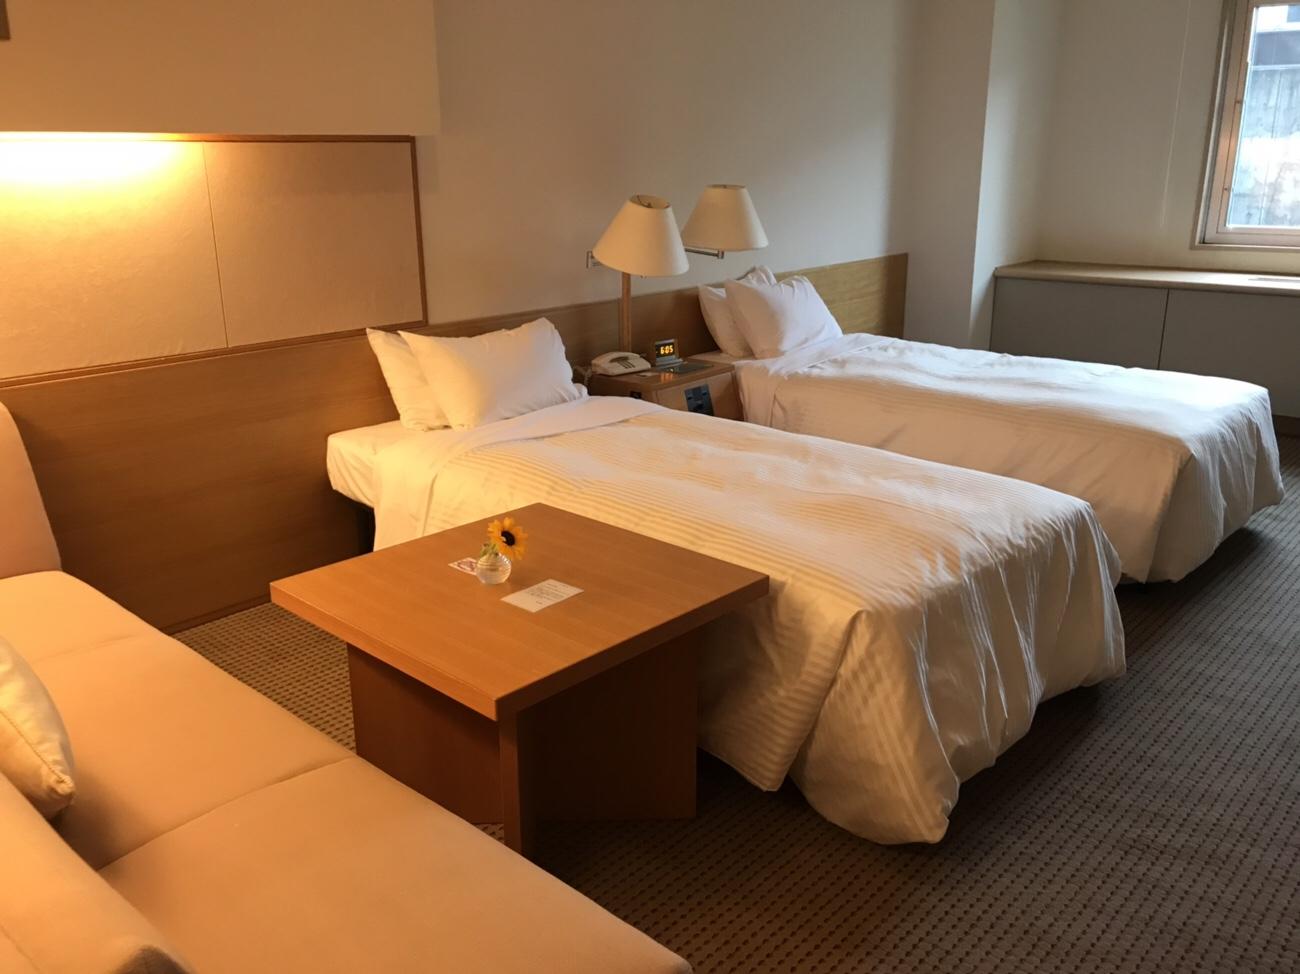 ホテルクラビーサッポロツインルーム部屋の様子